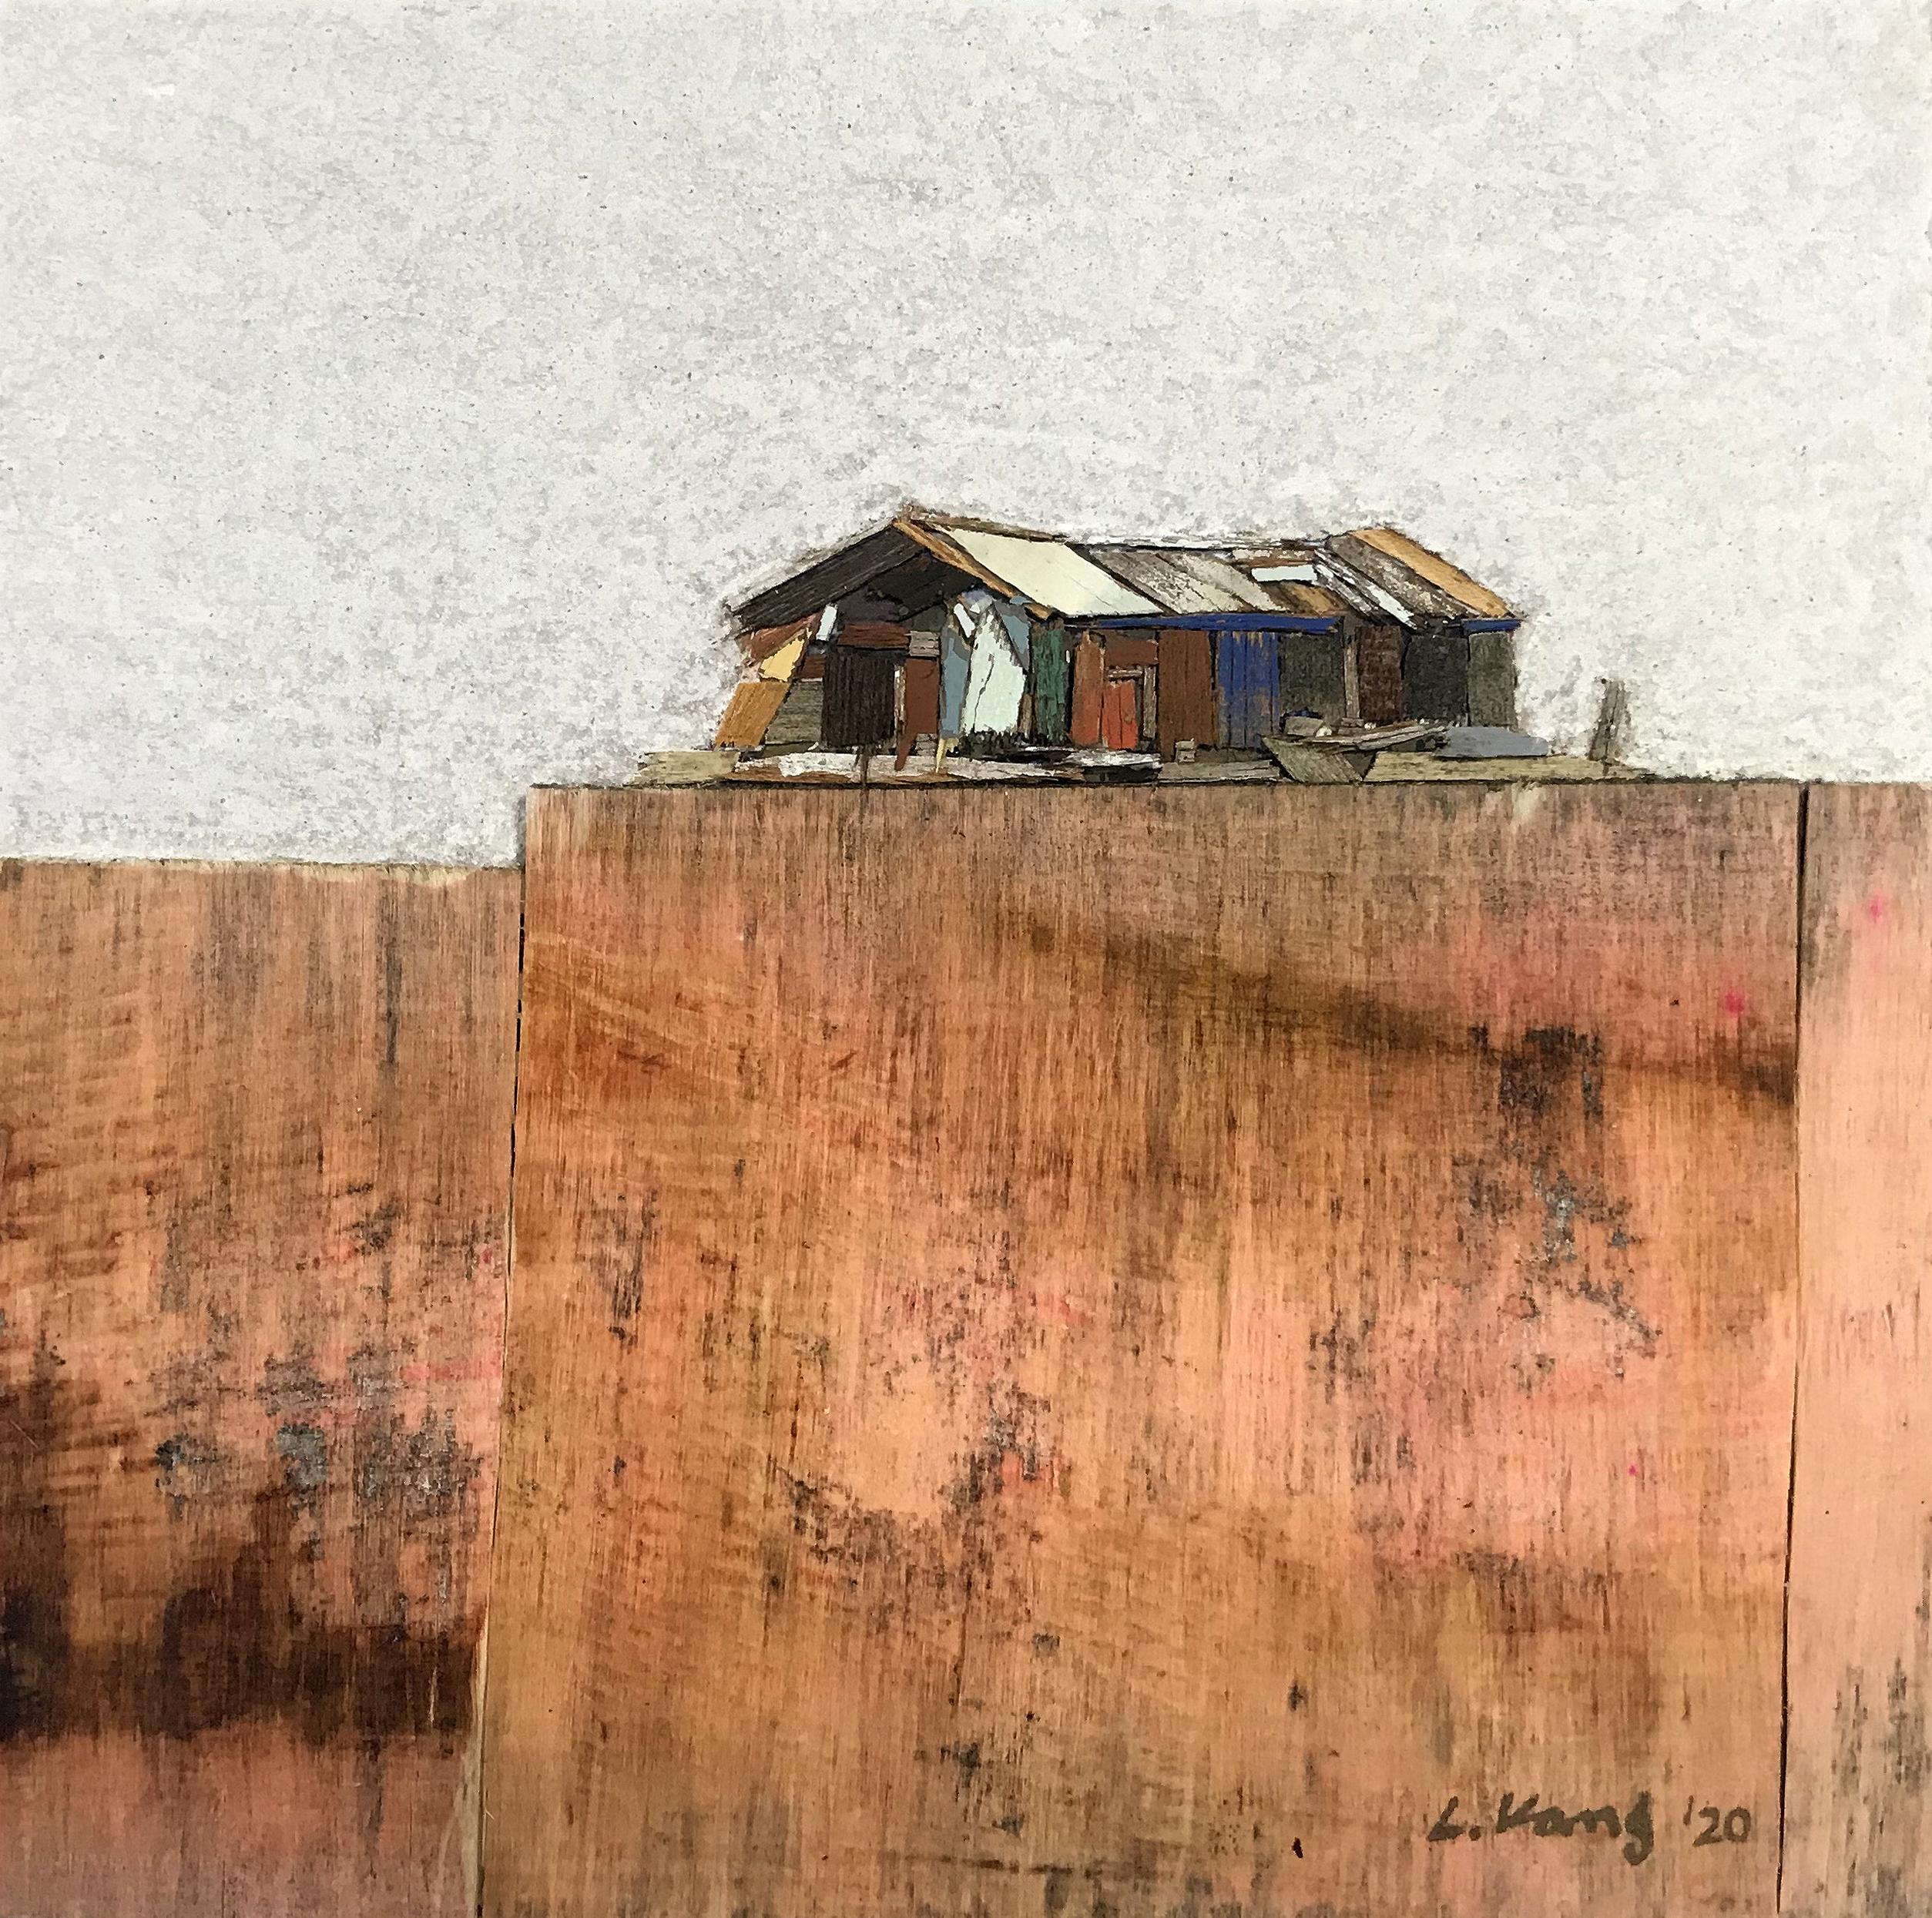 이부강3-1, trace skyline 24, 20 x 20 cm, mi